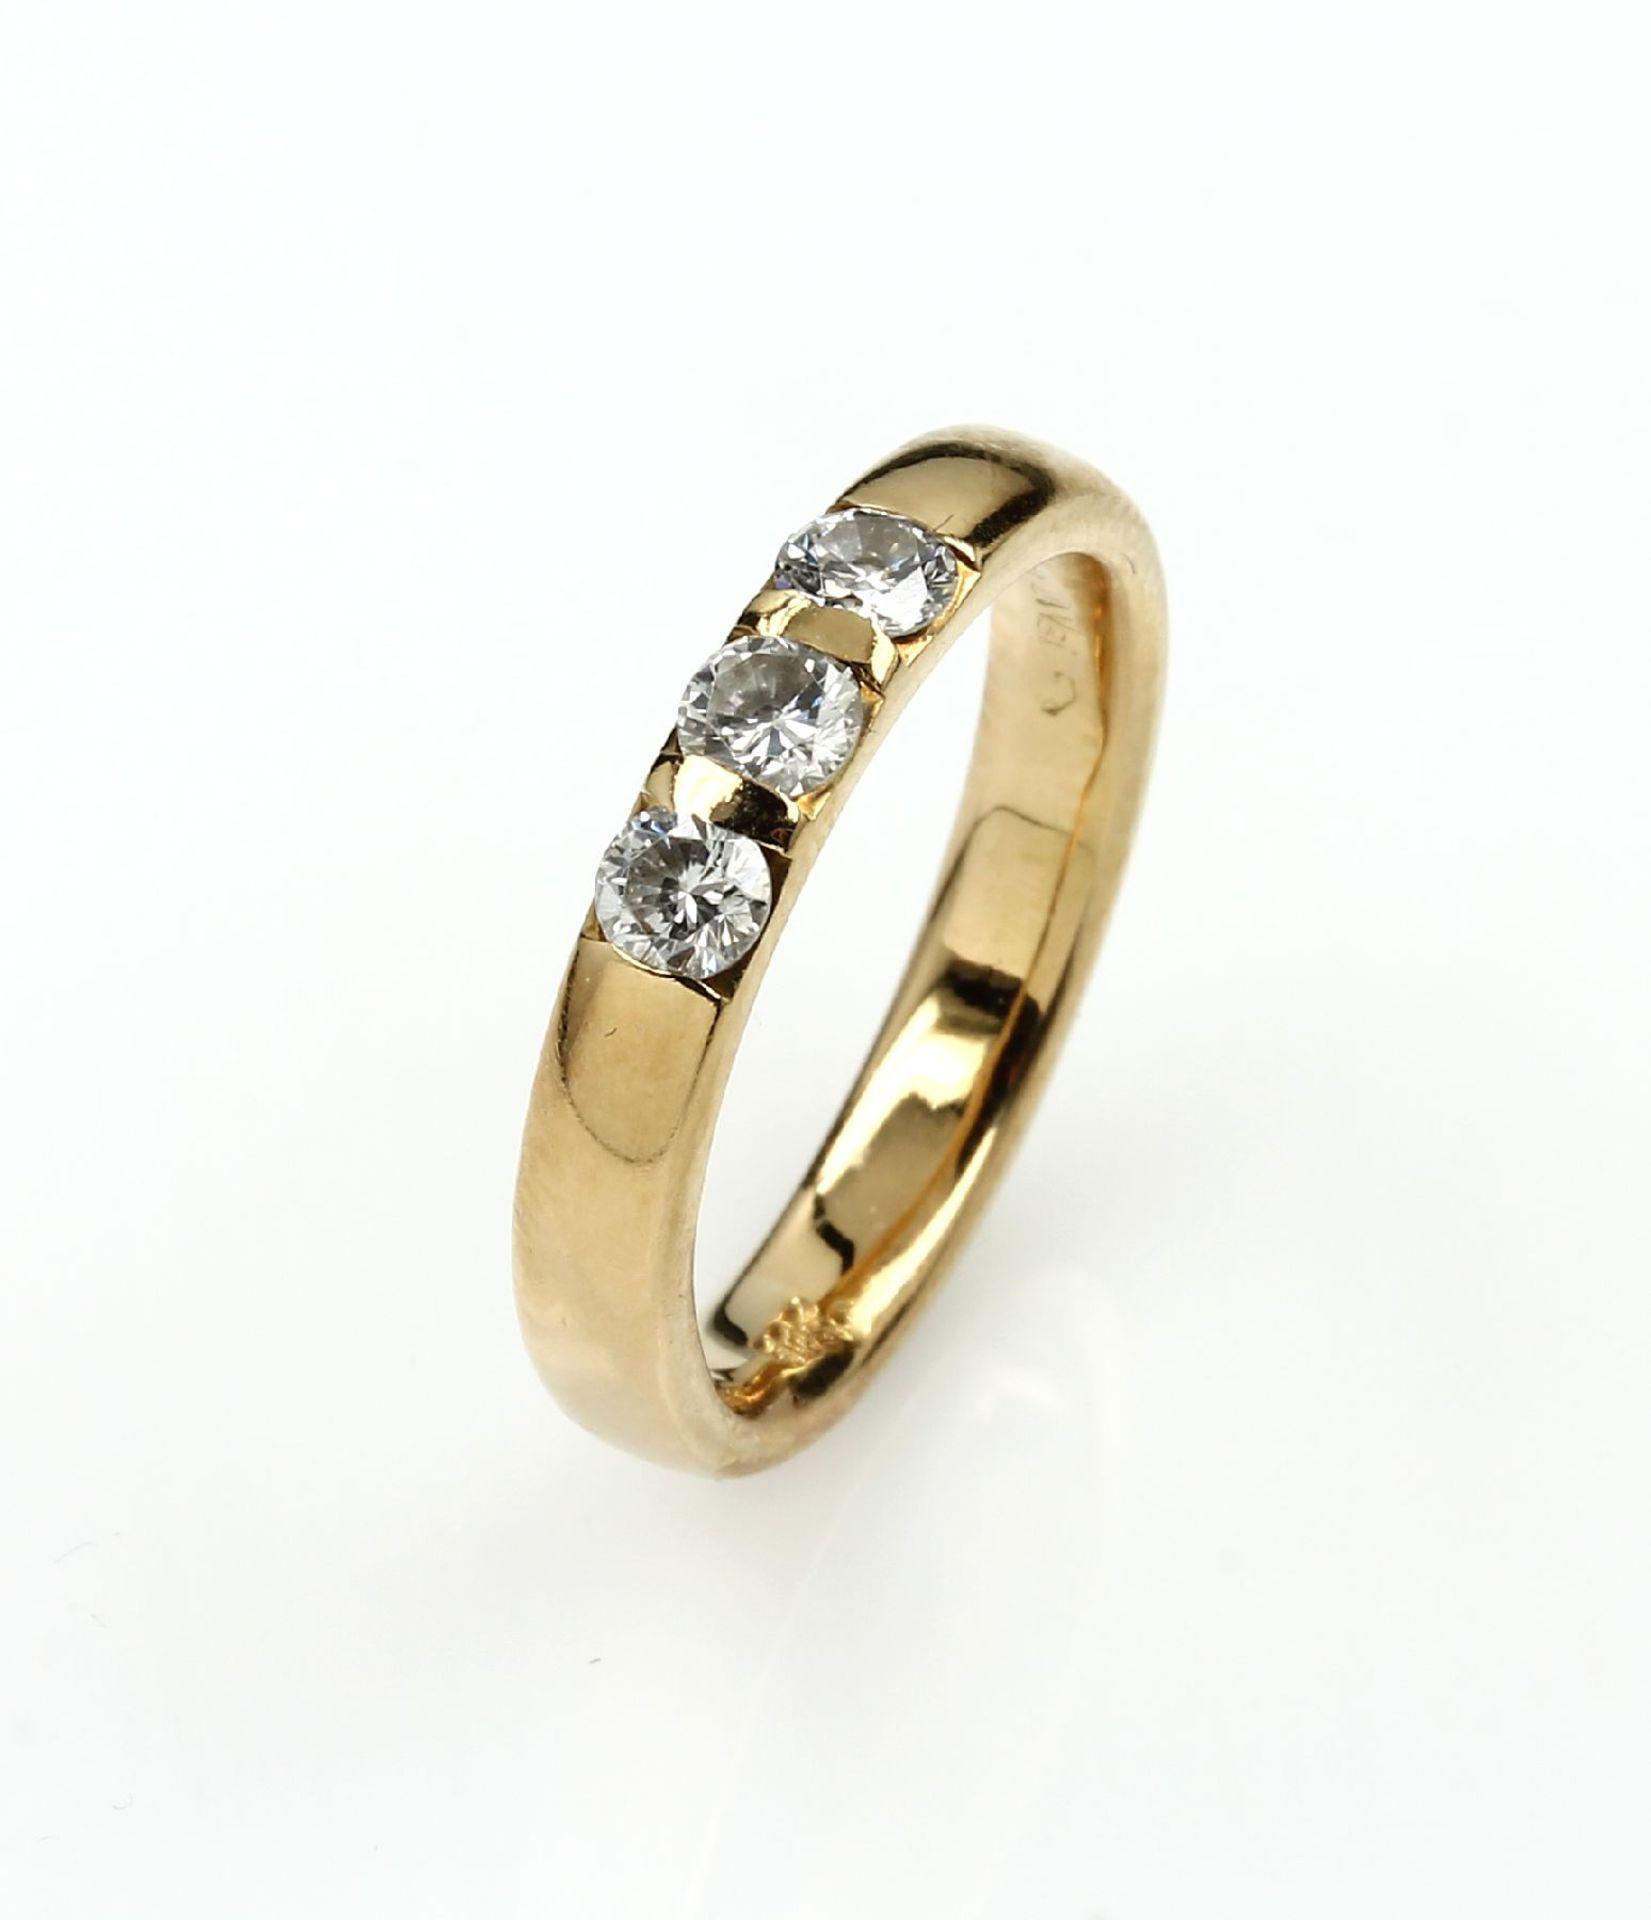 14 kt Gold Ring mit Brillanten, GG 585/000,3 Brillanten zus. ca. 0.42 ct Weiß/si (grav.),